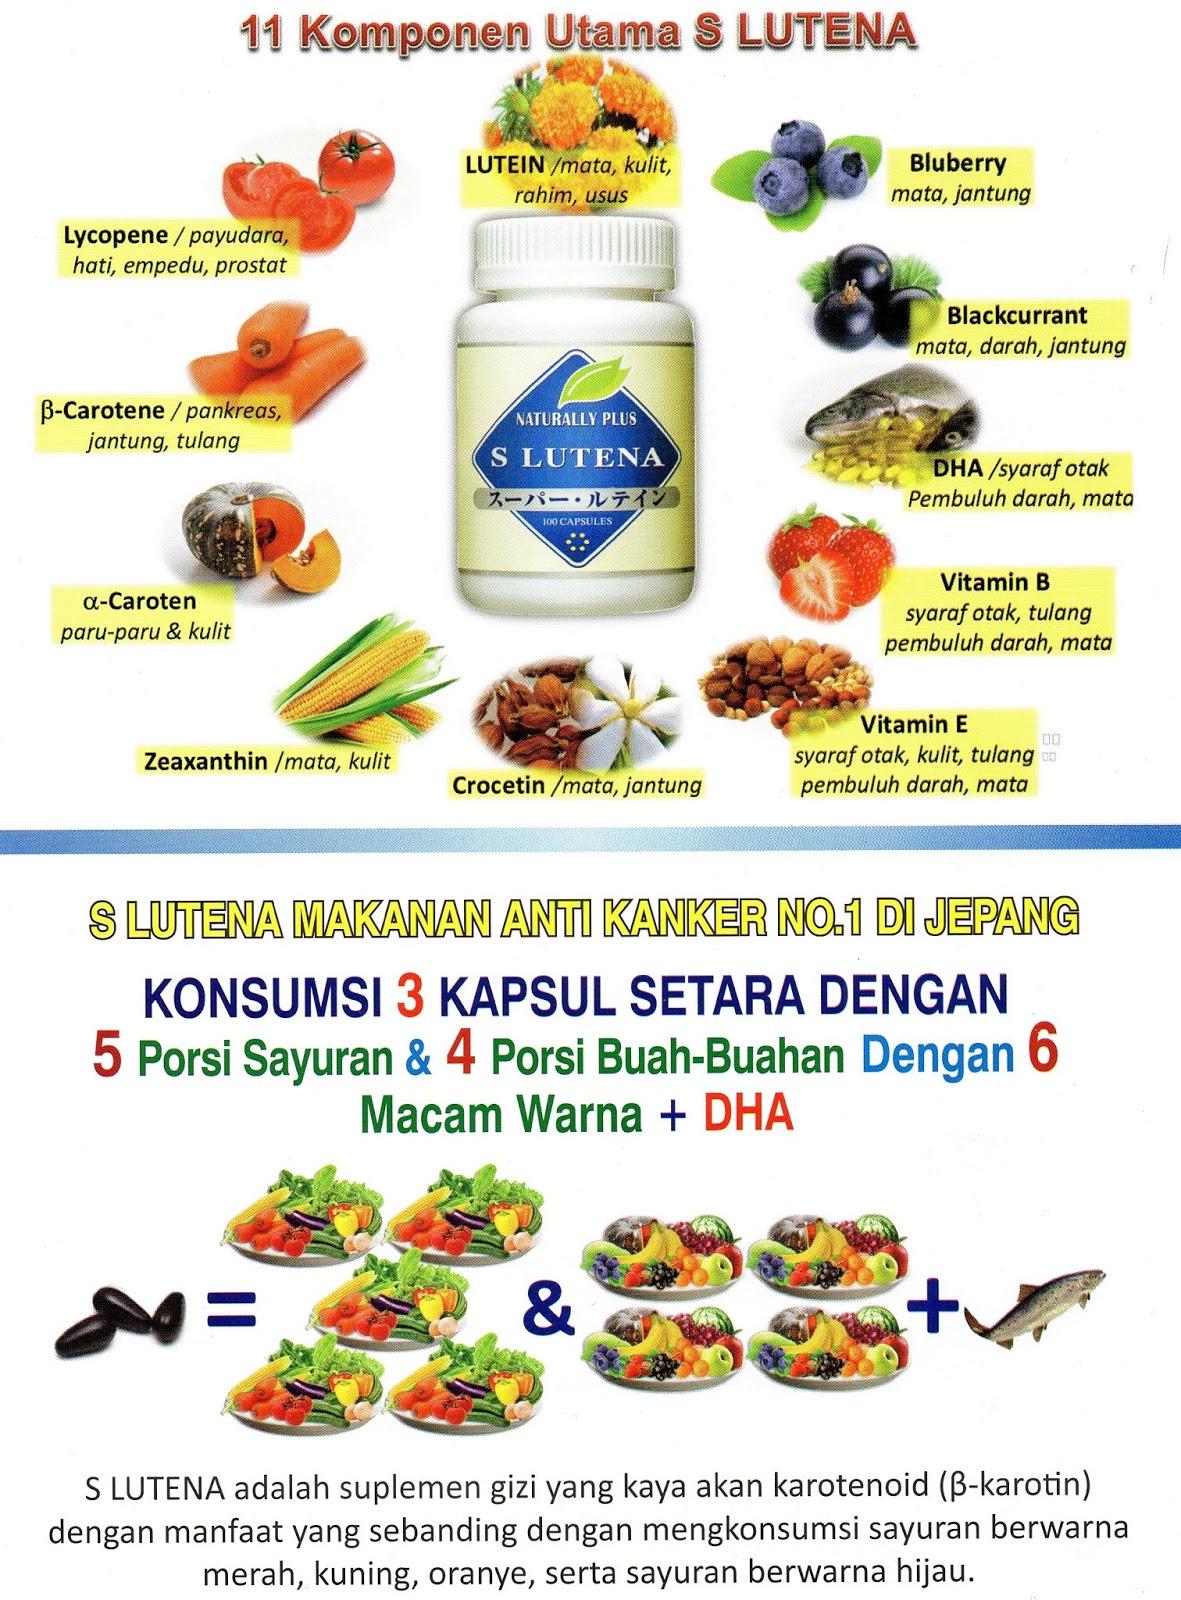 S Lutena Suplemen Terbaik Untuk Kesehatan Kandungan